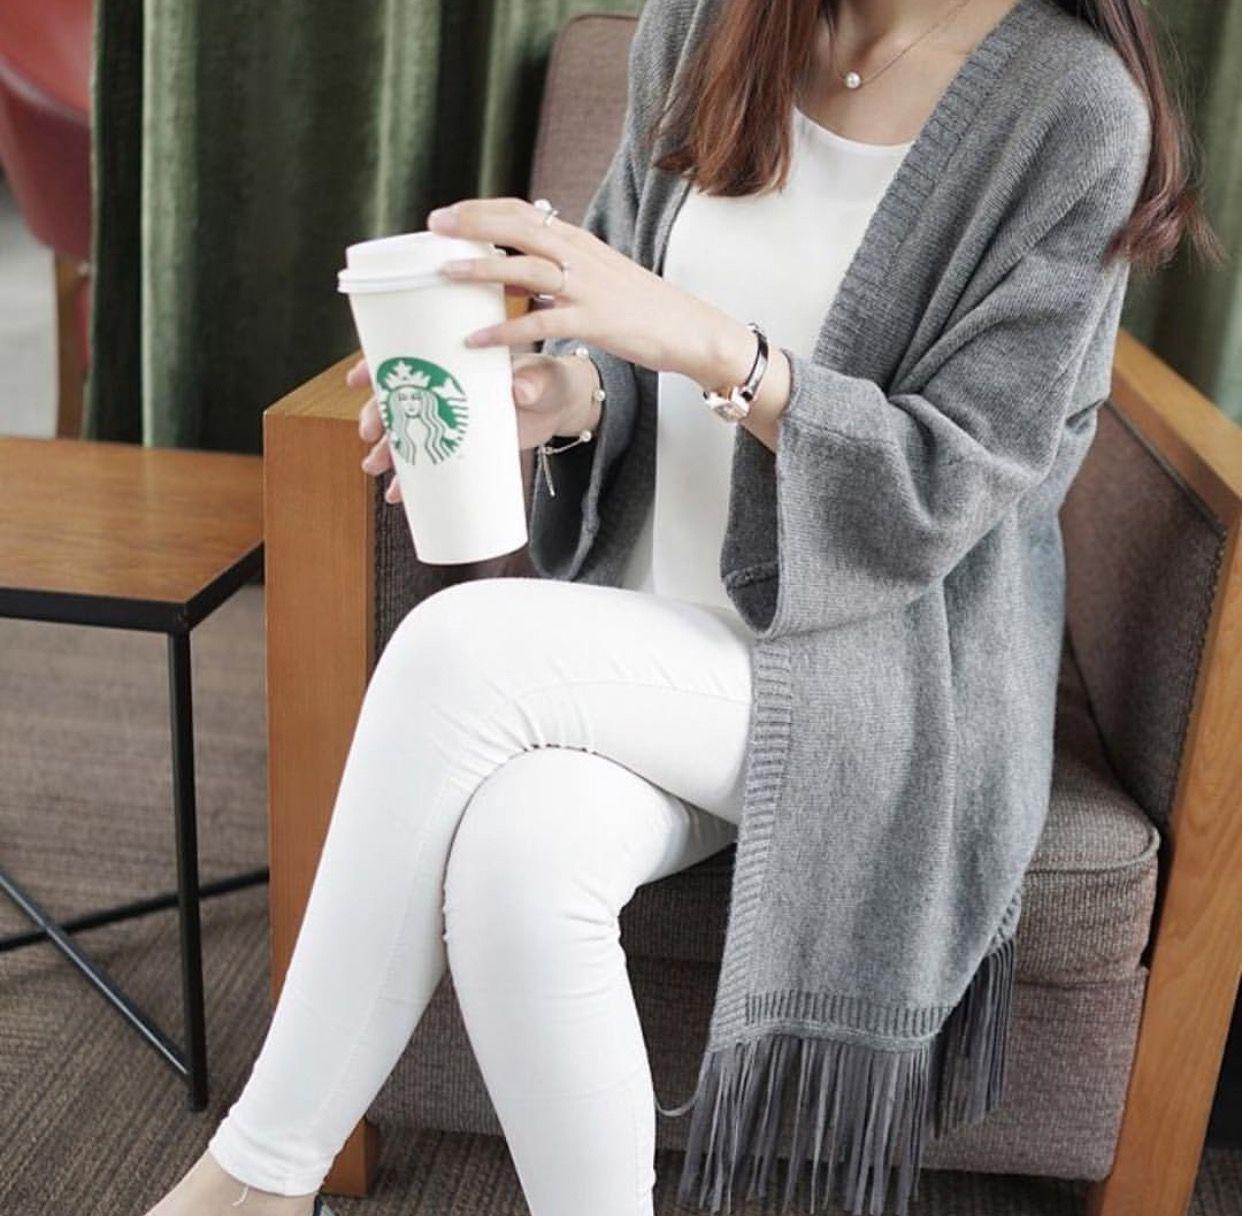 Pin By Nourah Al Shehab On Noni Sweater Dress Fashion White Jeans